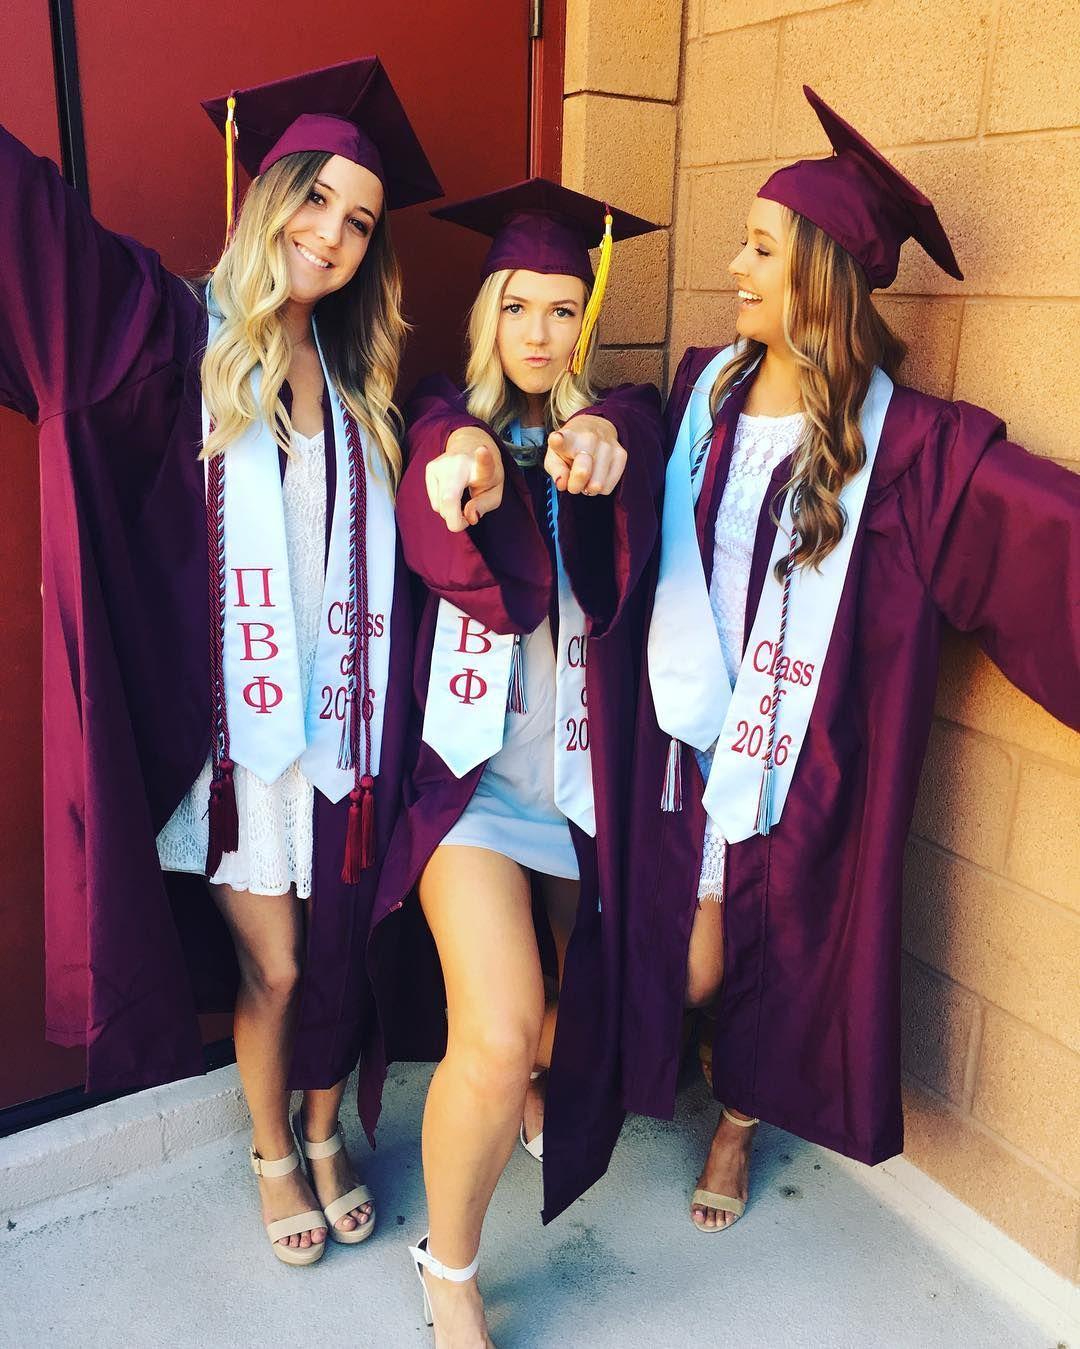 Instagram Graduation Pictures Graduation Photos Graduation Party